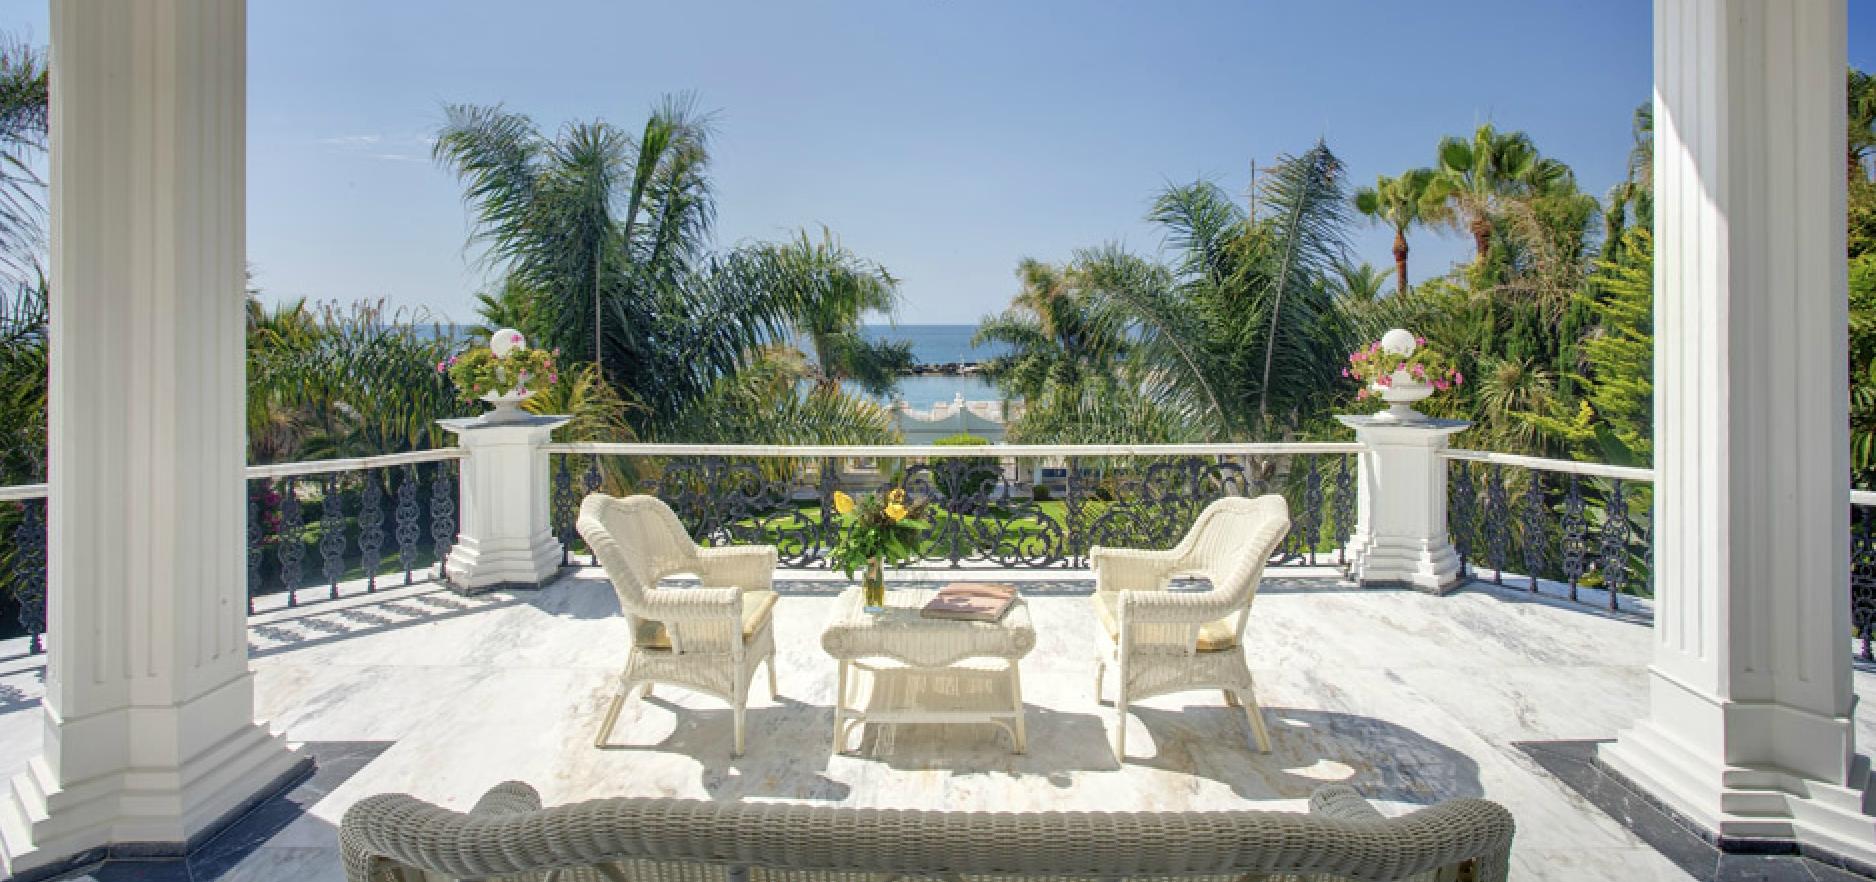 Puerto banus.beach voorzijde paviljoen te koop & huur